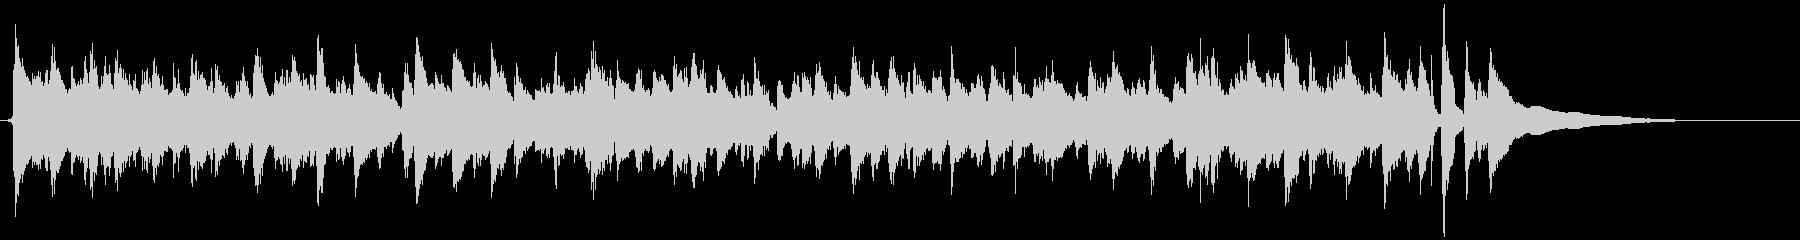 開放感のあるアコギのカッティング演奏の未再生の波形